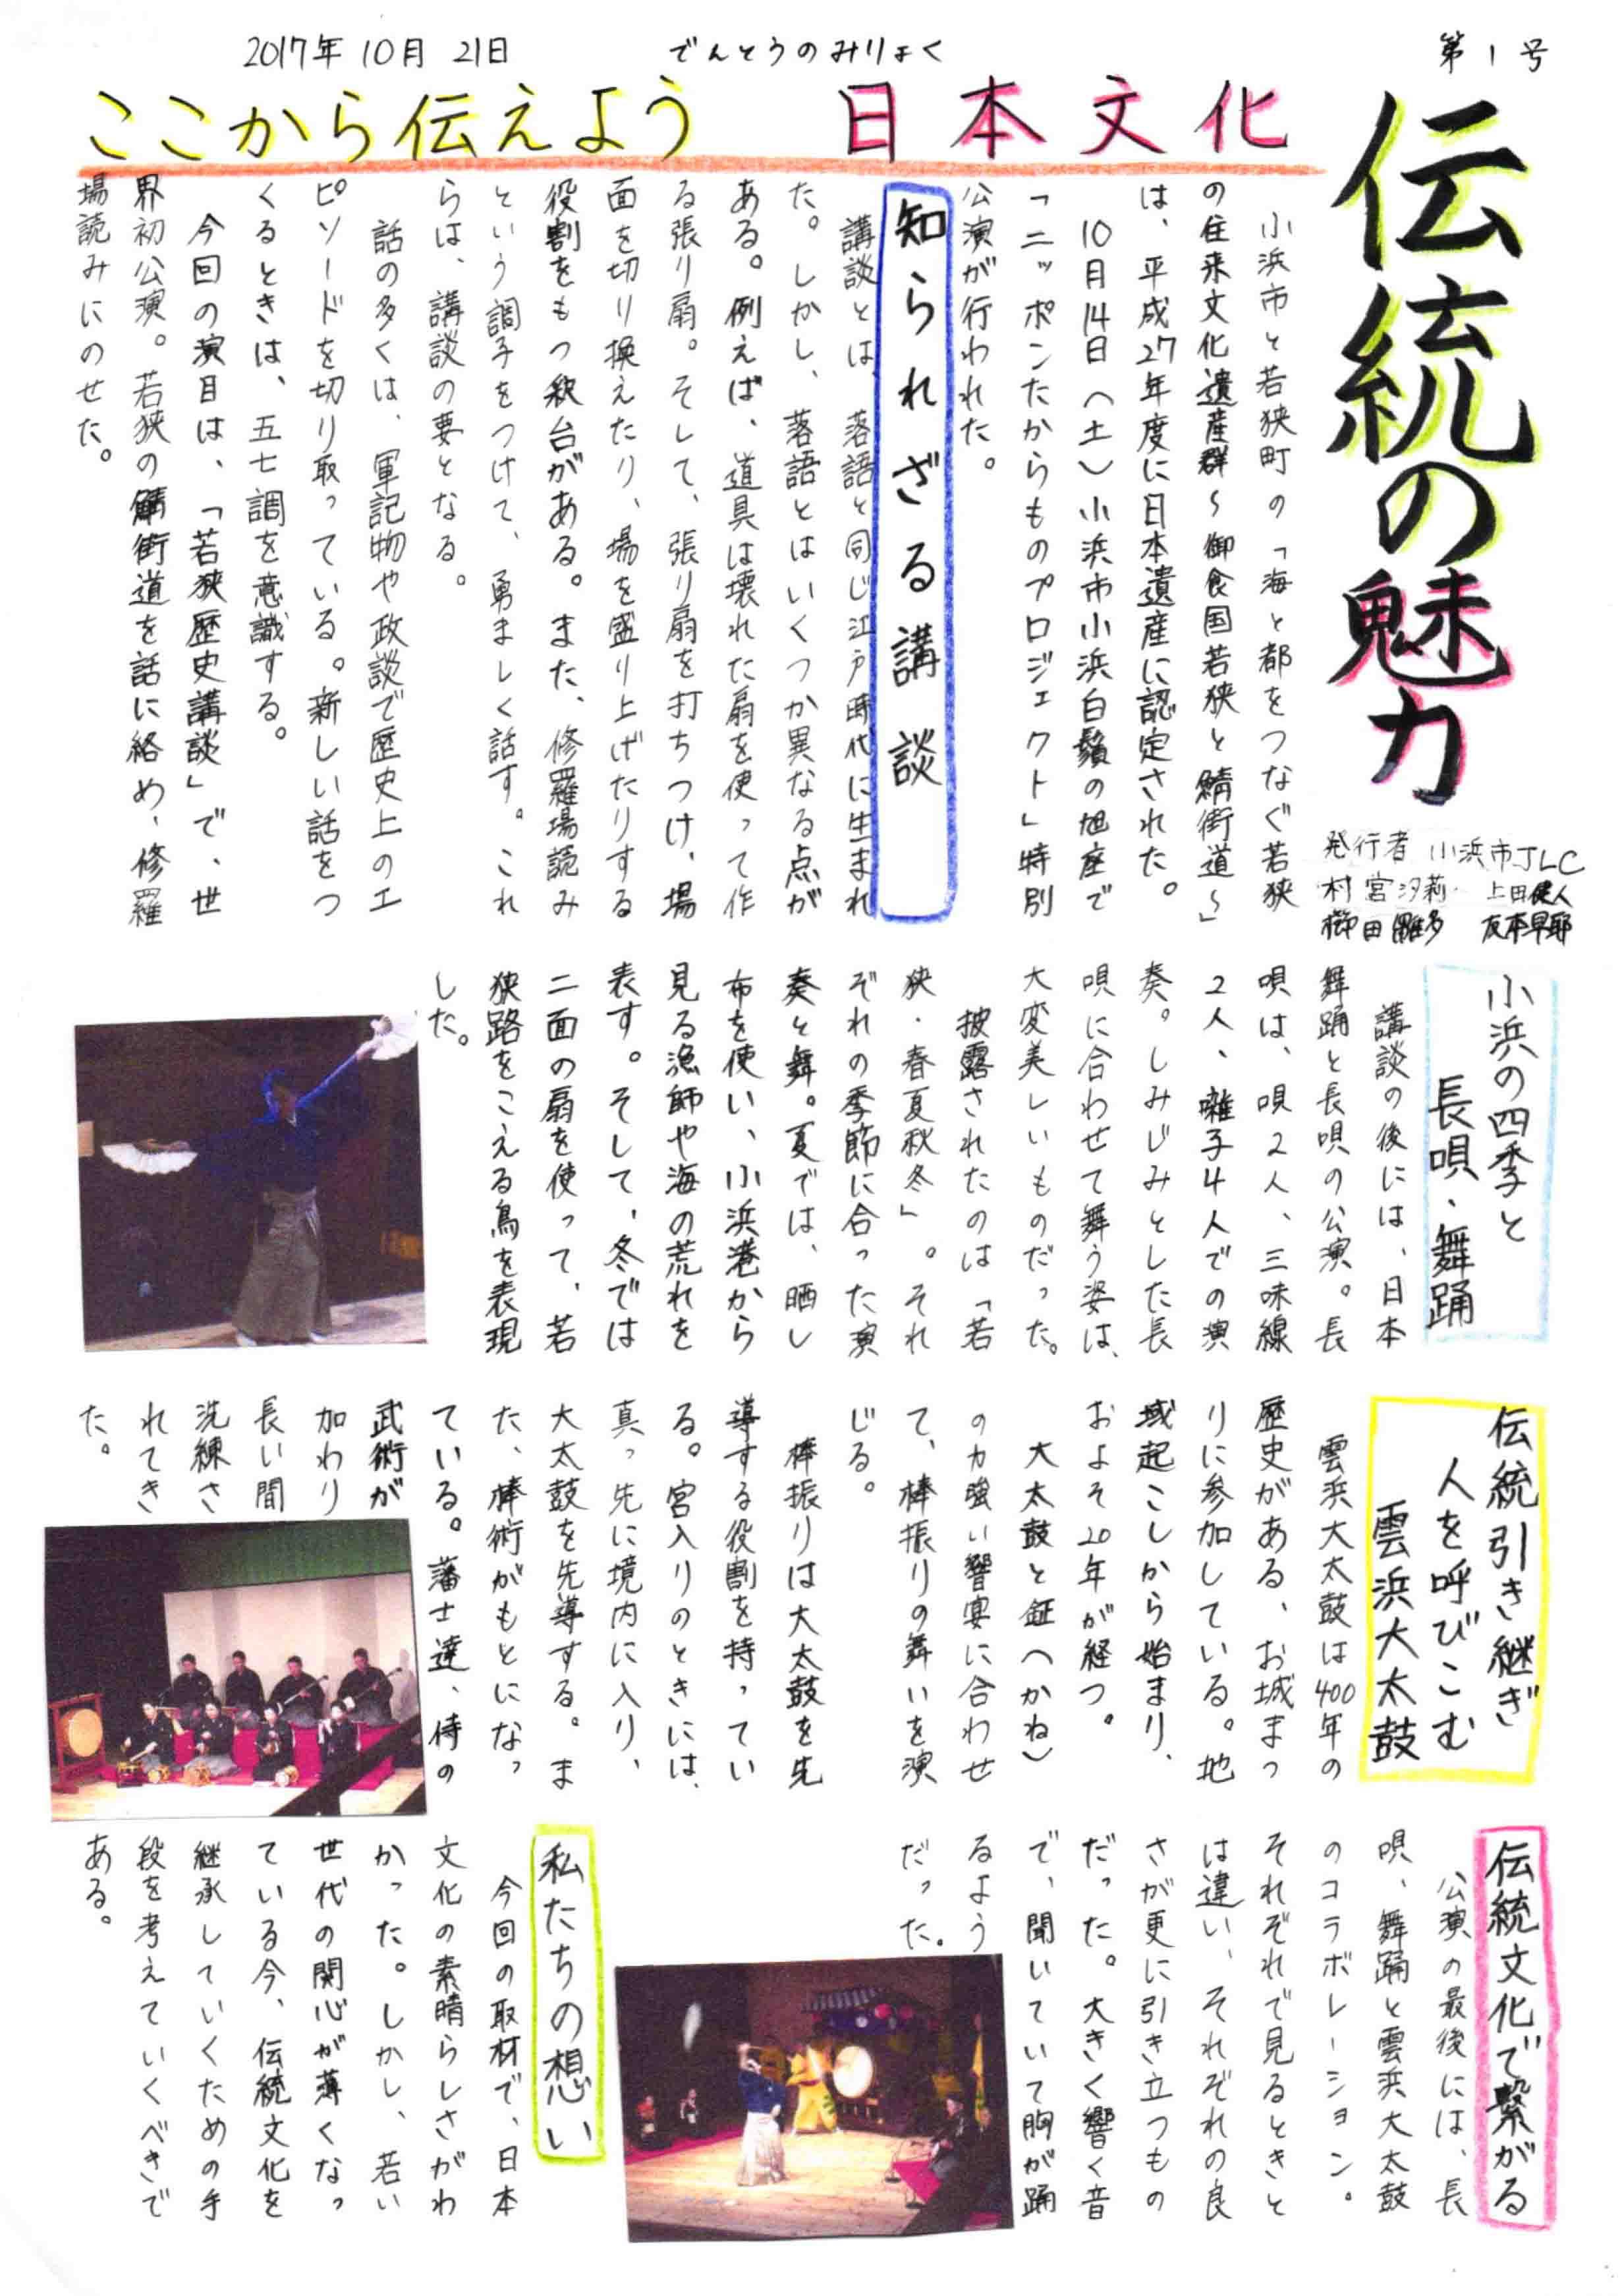 http://bunp.47news.jp/event/images/minidentomiryoku1710.jpg